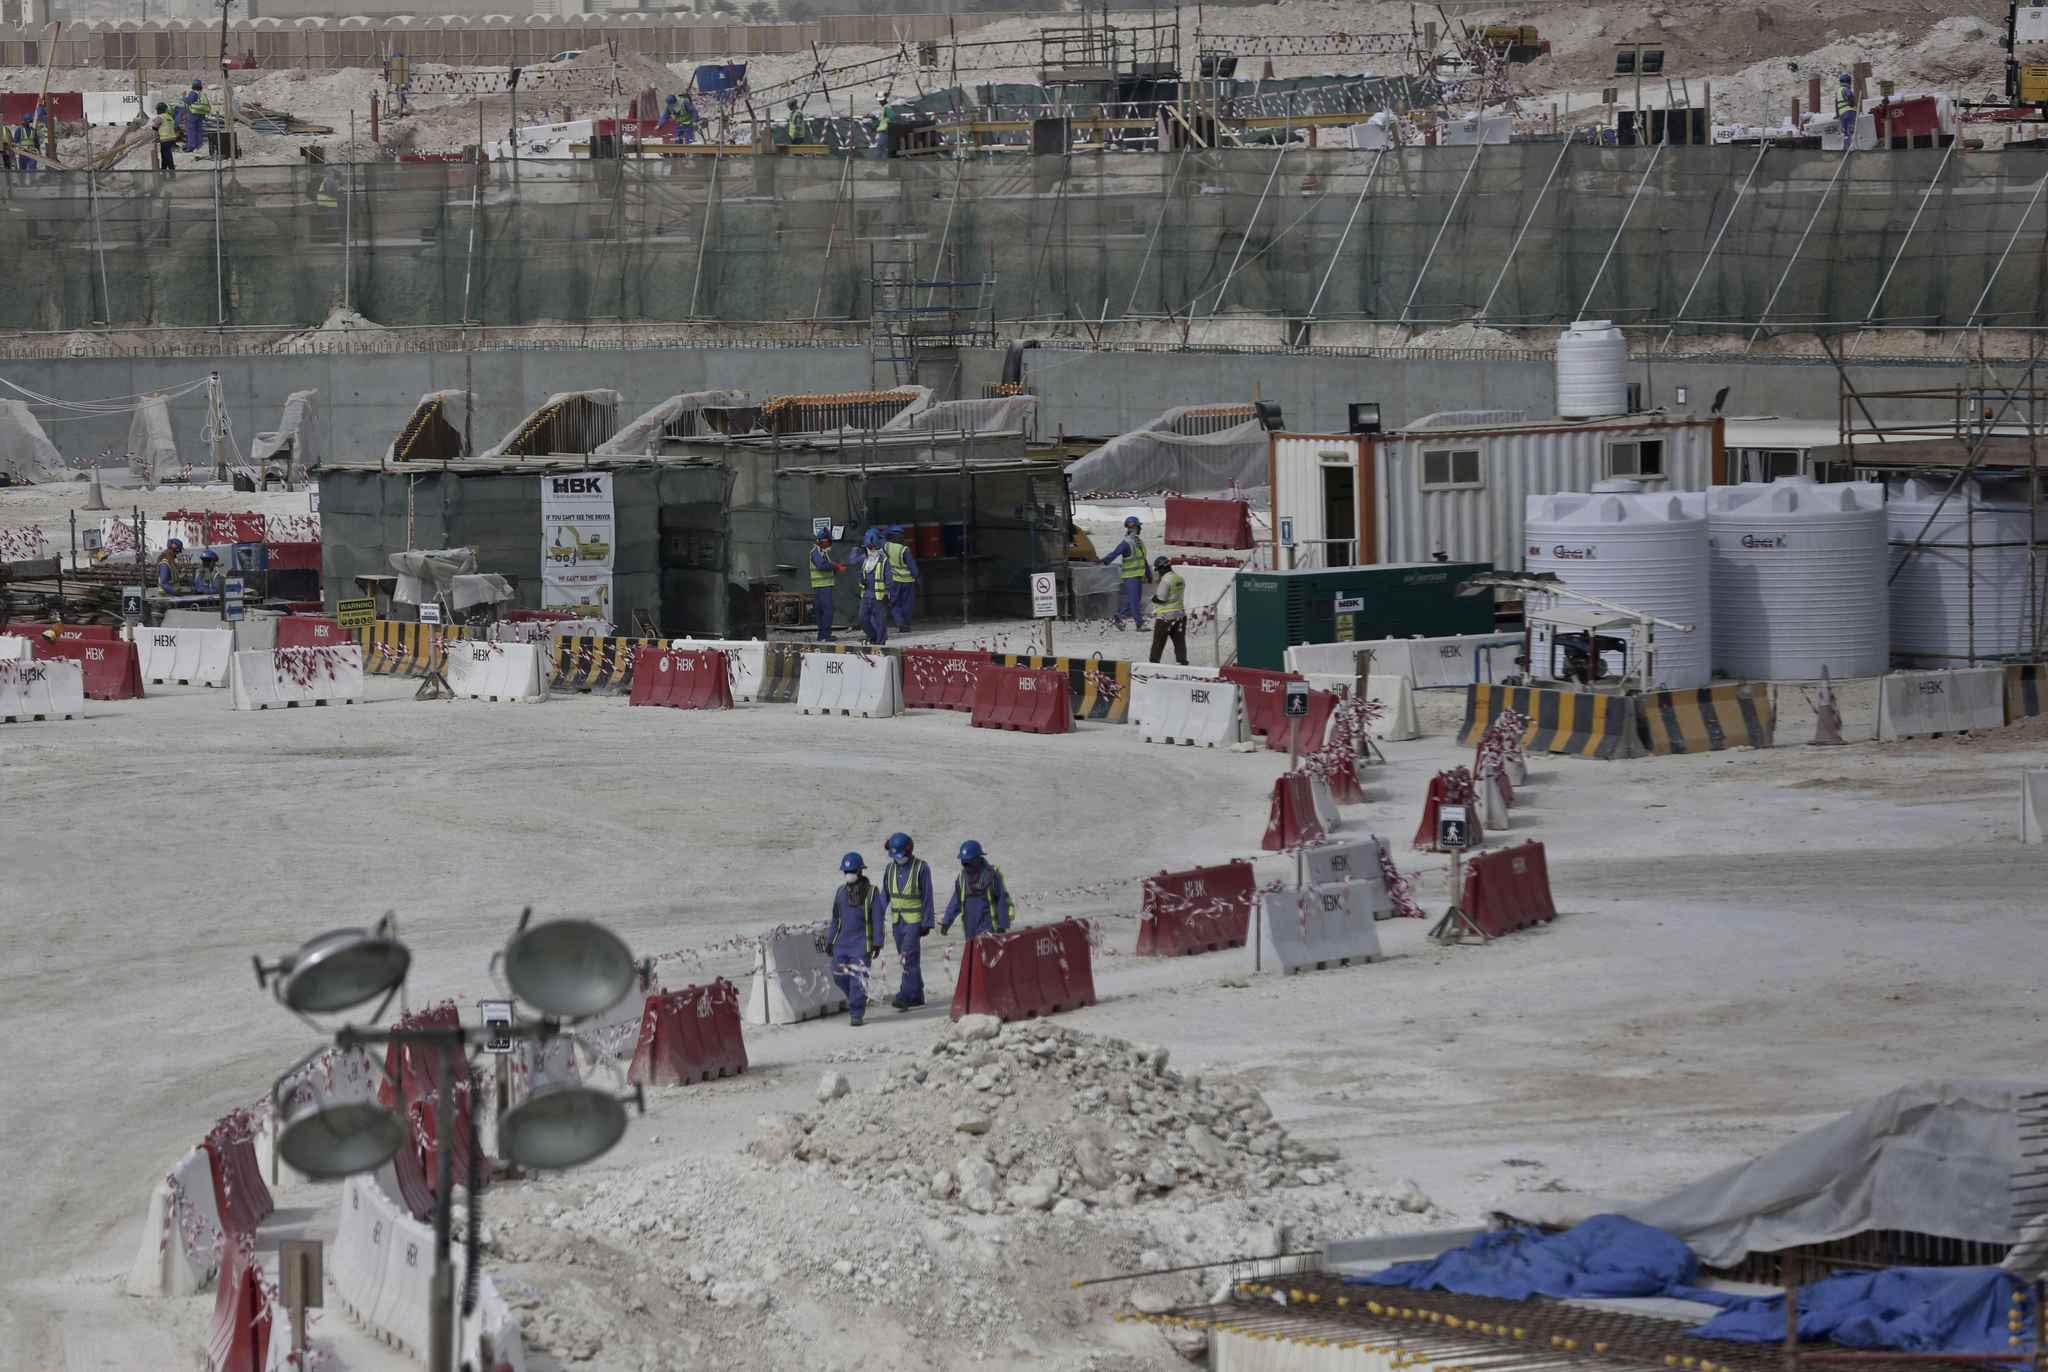 Avis aux fans de football, ils peuvent dès à présent se préparer à soutenir leur équipe favorite pendant la coupe du monde de la fifa qatar 2022. Coupe du monde 2022: Le Qatar va planter 16.000 arbres ...